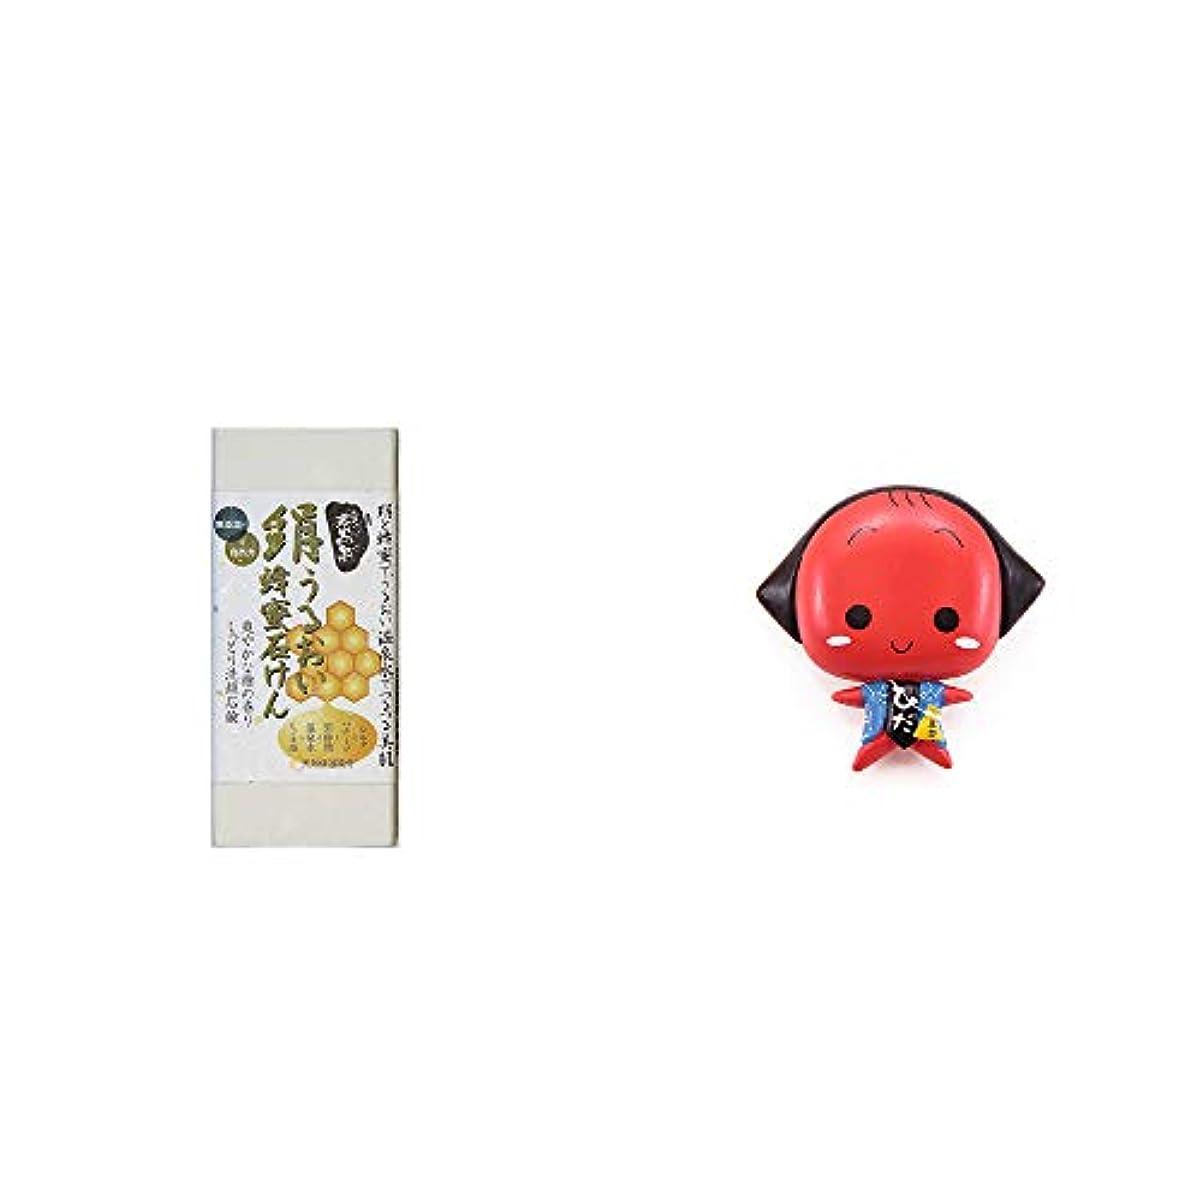 ボルト不良偽装する[2点セット] ひのき炭黒泉 絹うるおい蜂蜜石けん(75g×2)?さるぼぼ アニメ顔 マグネット